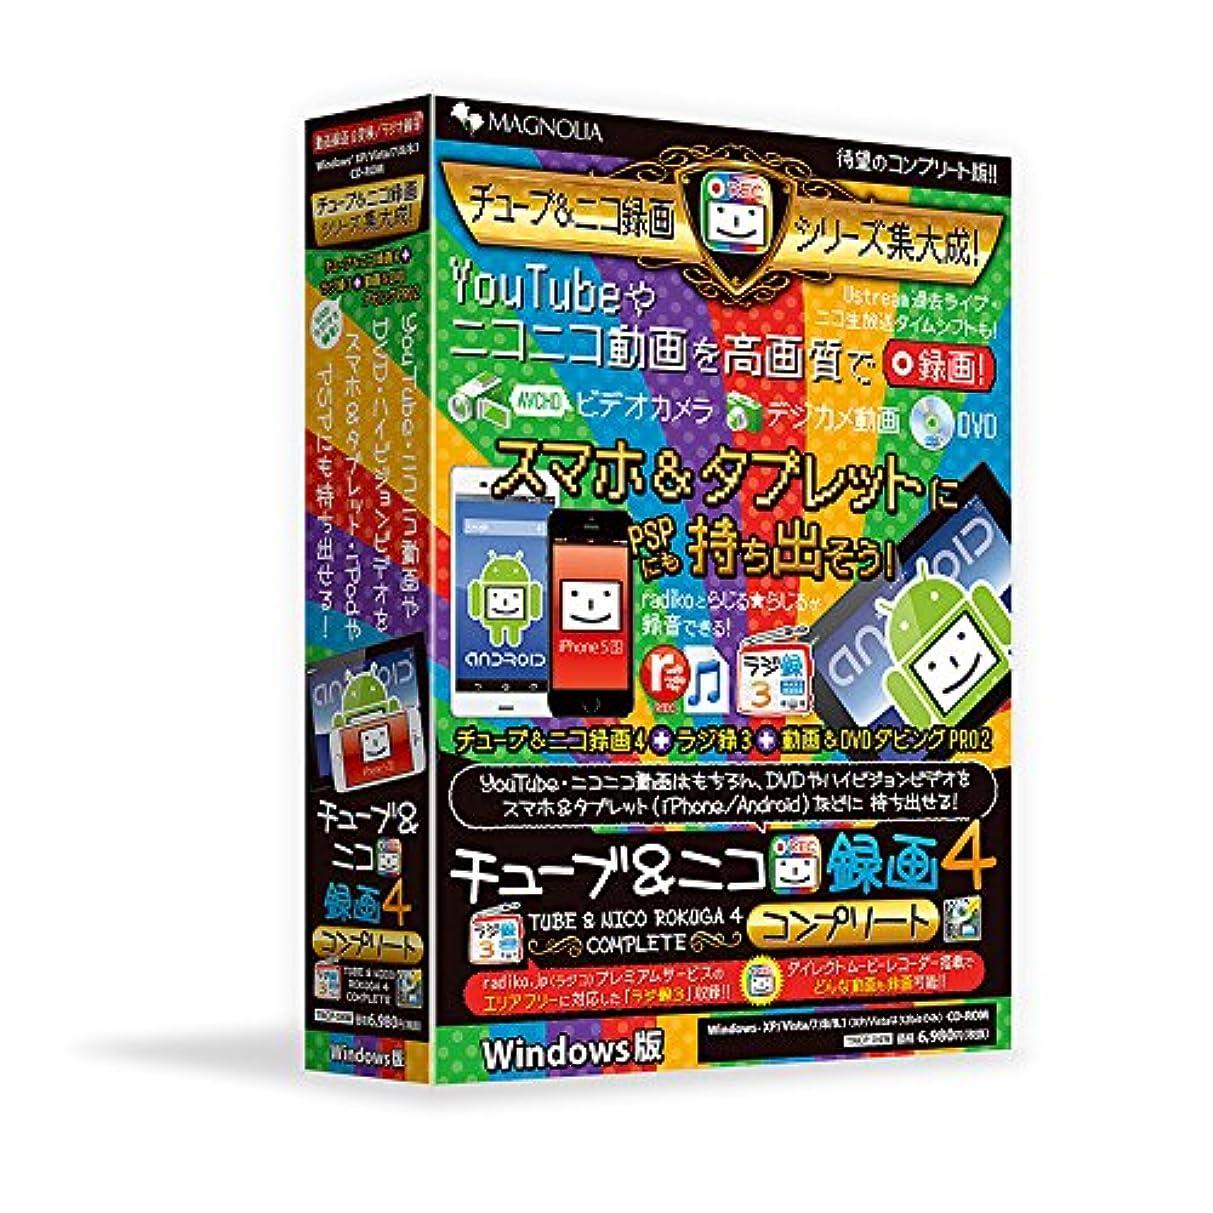 レビュー努力卒業記念アルバムチューブ&ニコ録画4 コンプリート Windows版